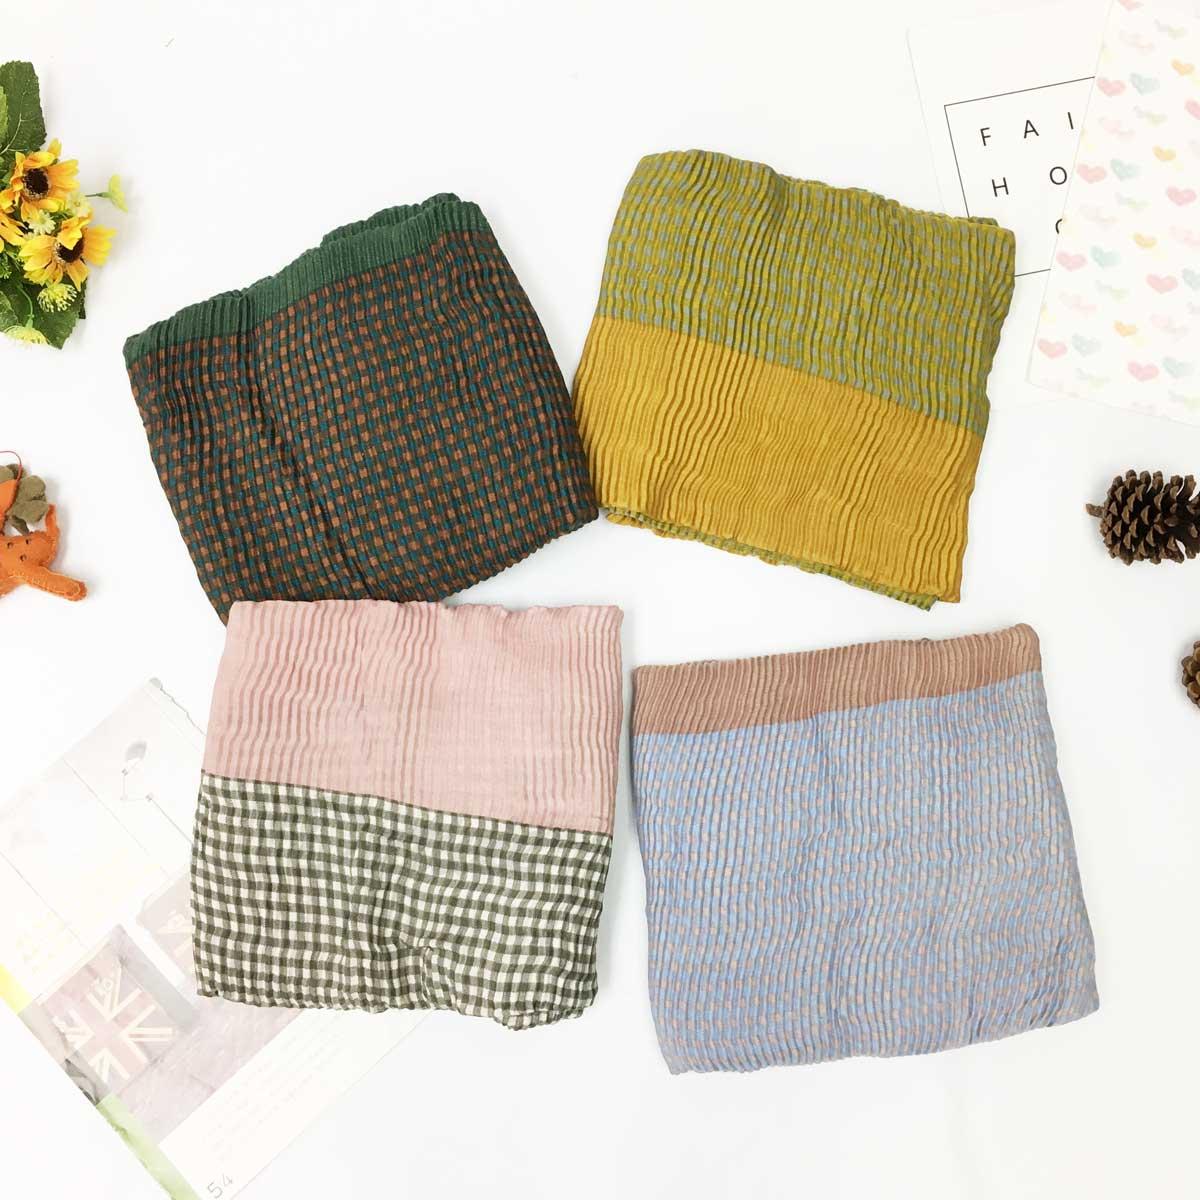 薄絲巾 格紋 拼接 雙色 基本 必備款 保暖 披肩 圍巾